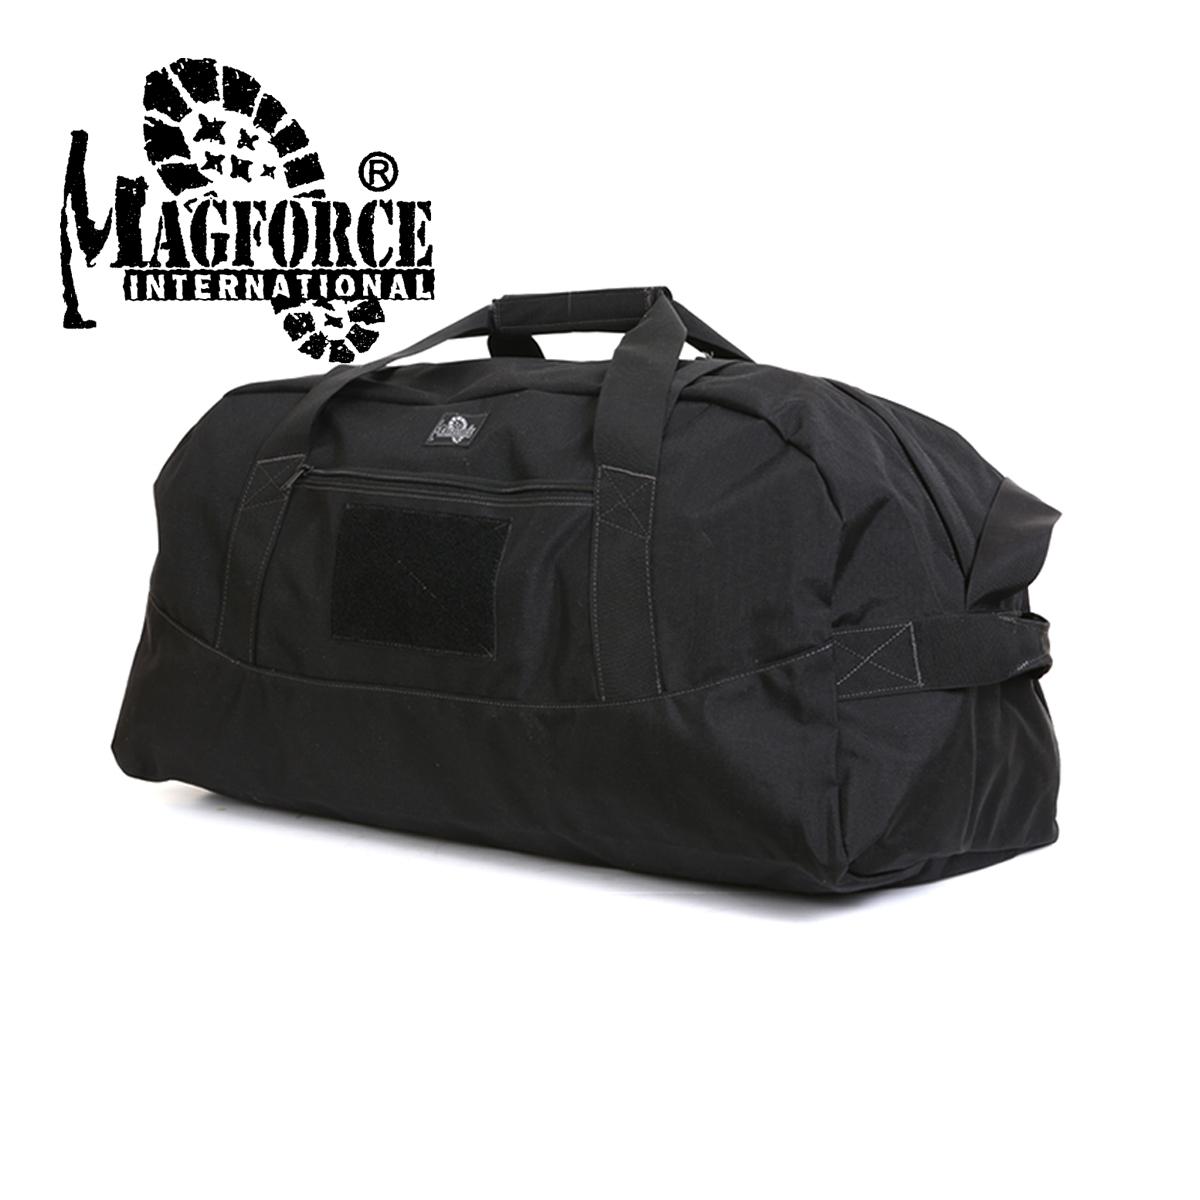 [맥포스] 다이하드 트래블백 블랙 XL